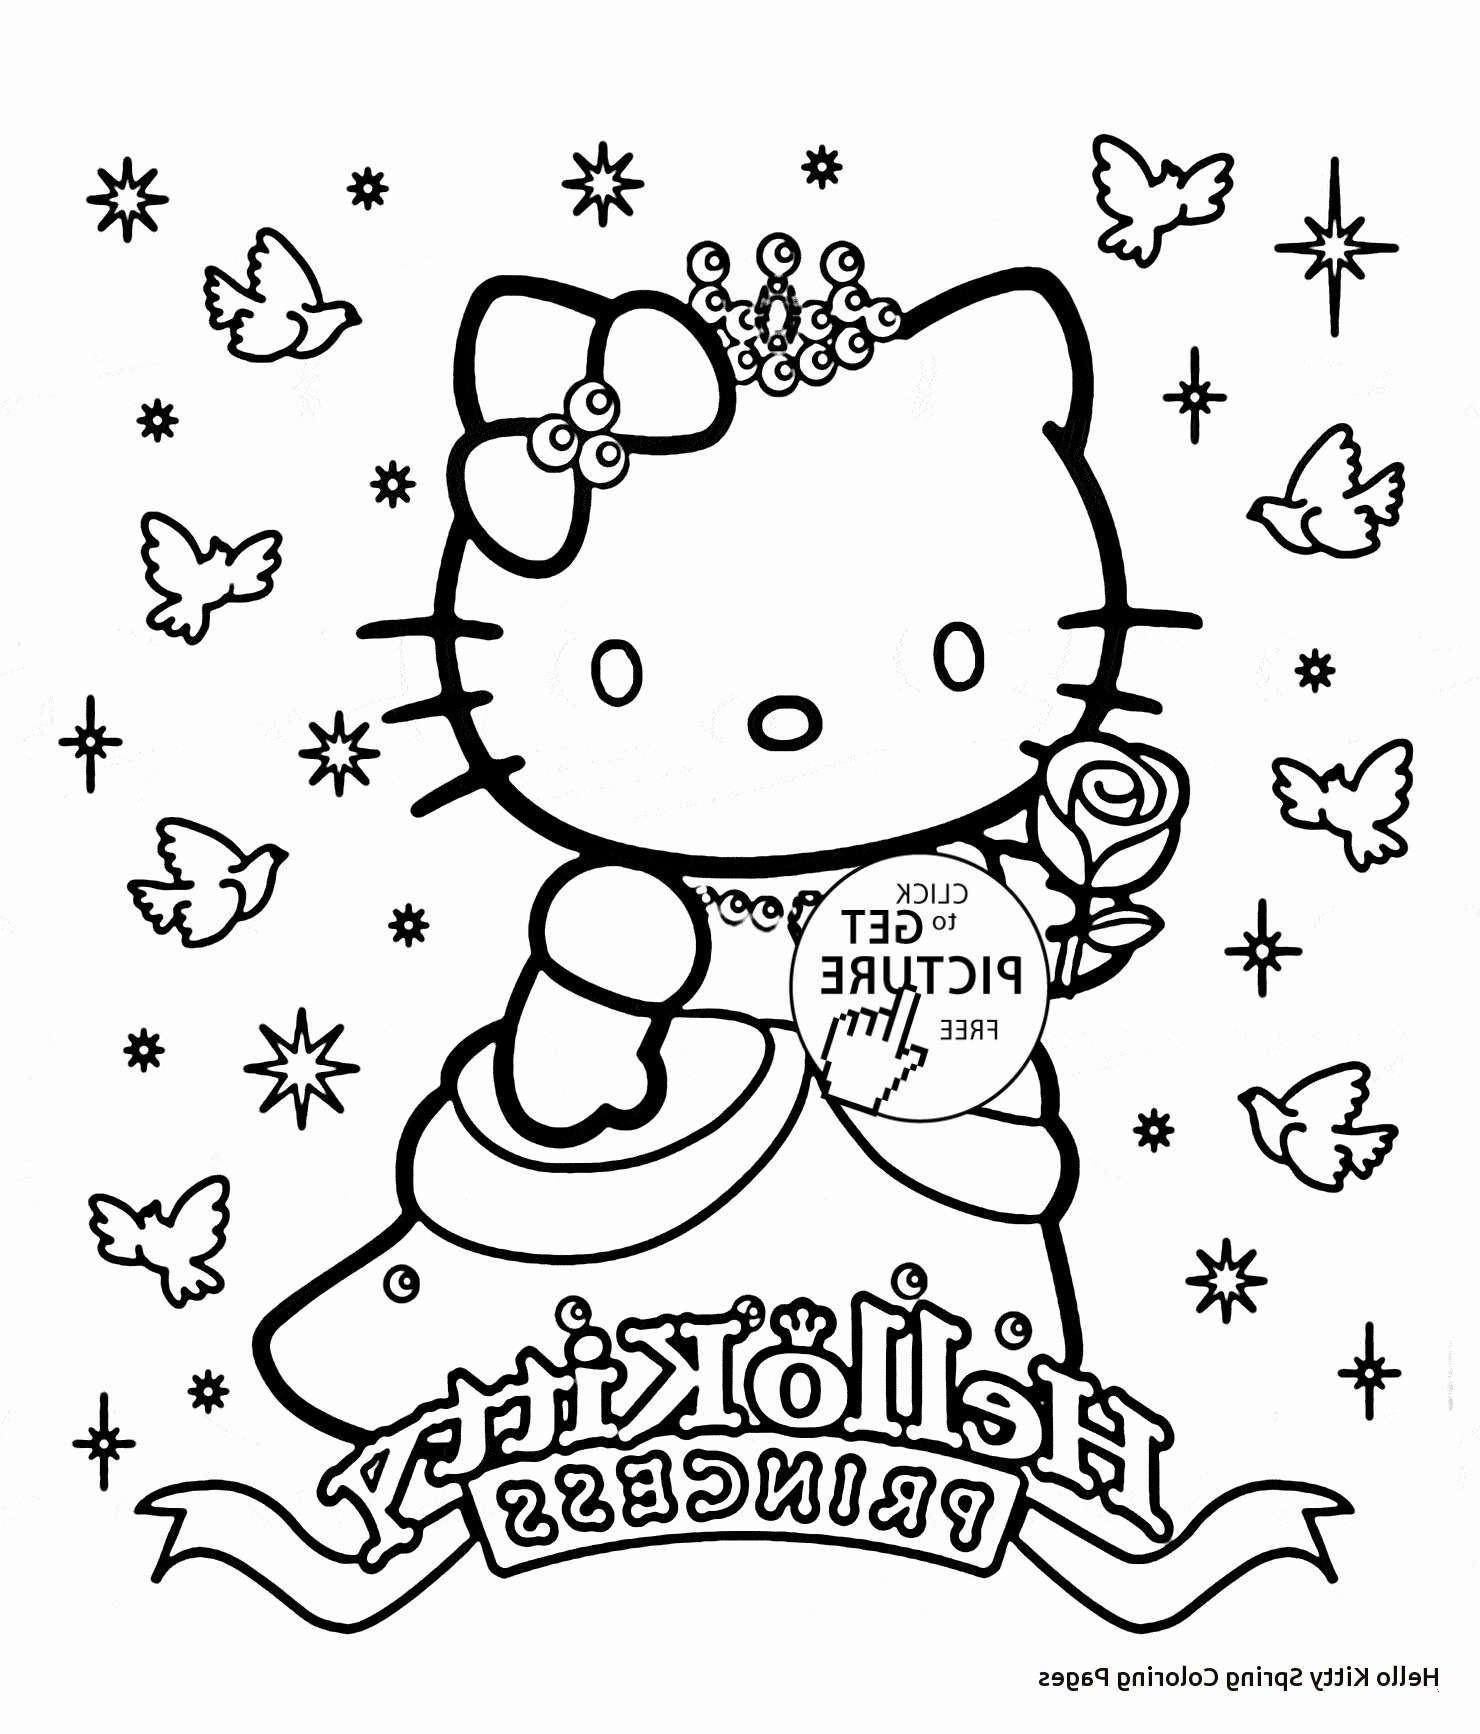 Boss Baby Ausmalbilder Frisch Ausmalbild Hello Kitty Beau Image Hello Kitty Ausmalbilder Az Galerie